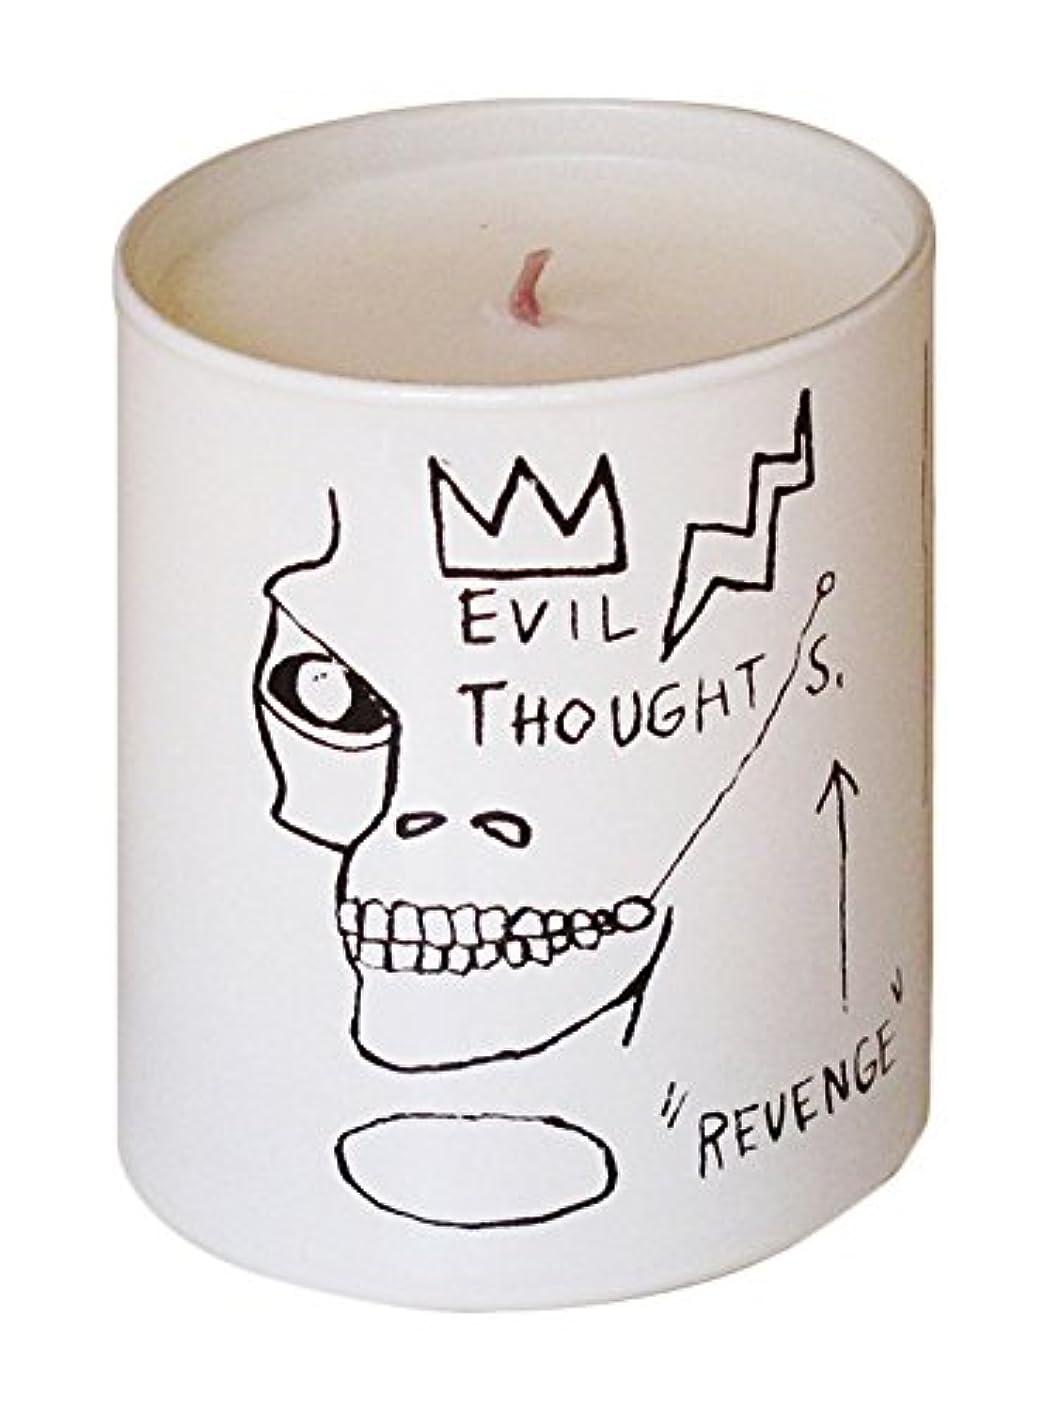 埋め込む素晴らしい良い多くのうぬぼれジャン ミシェル バスキア リベンジ キャンドル(Jean-Michael Basquiat Perfumed Candle